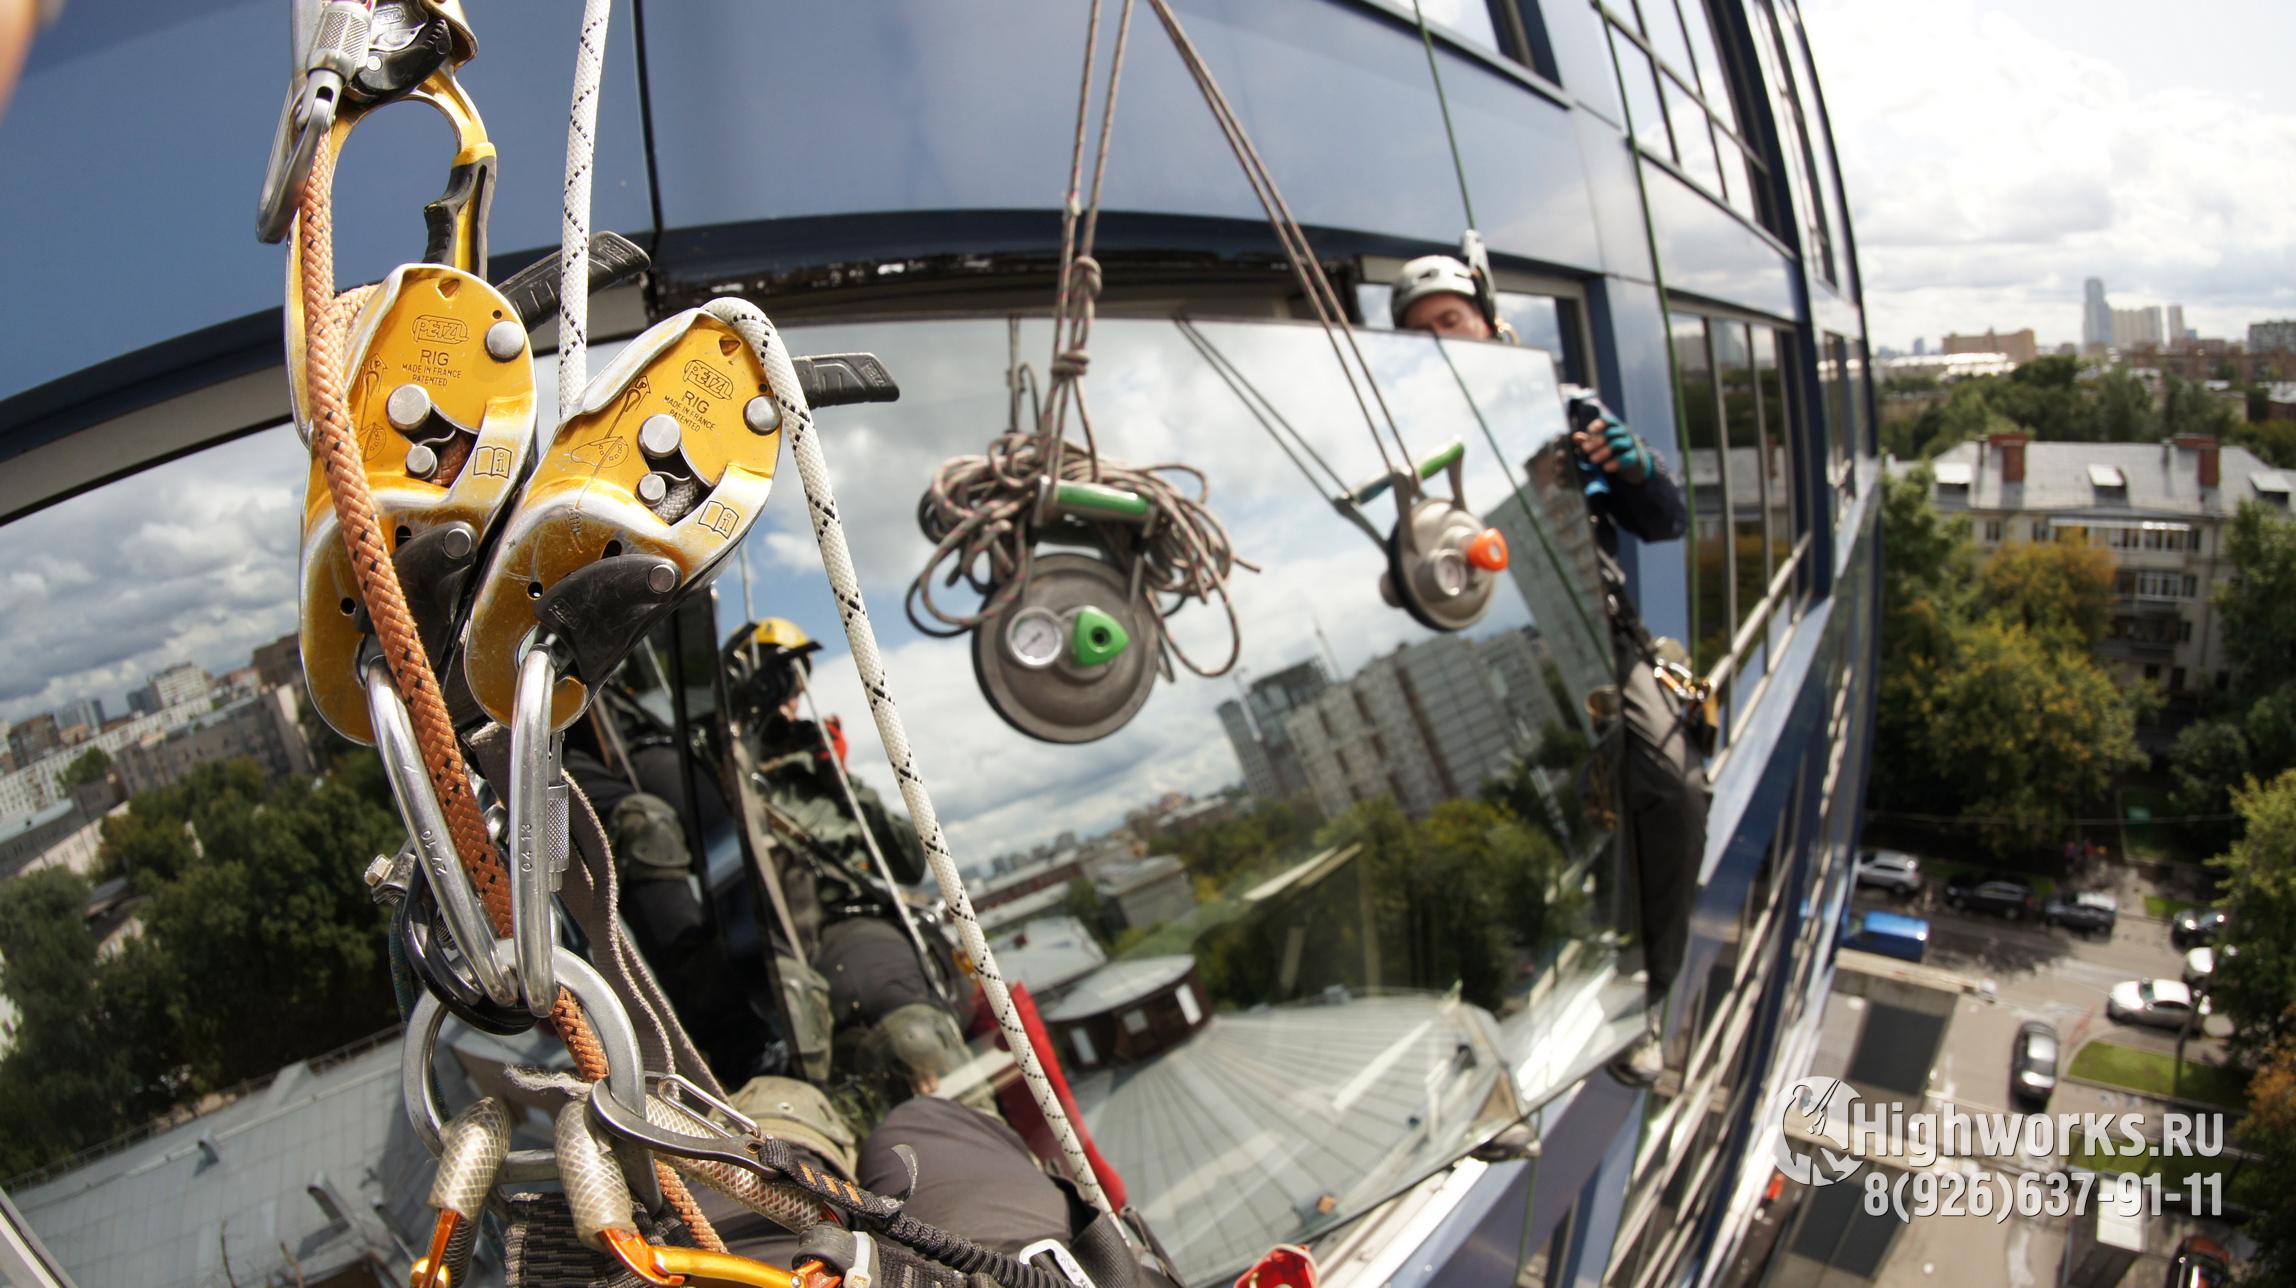 Установка и демонтаж стеклопакетов промышленными альпинистами